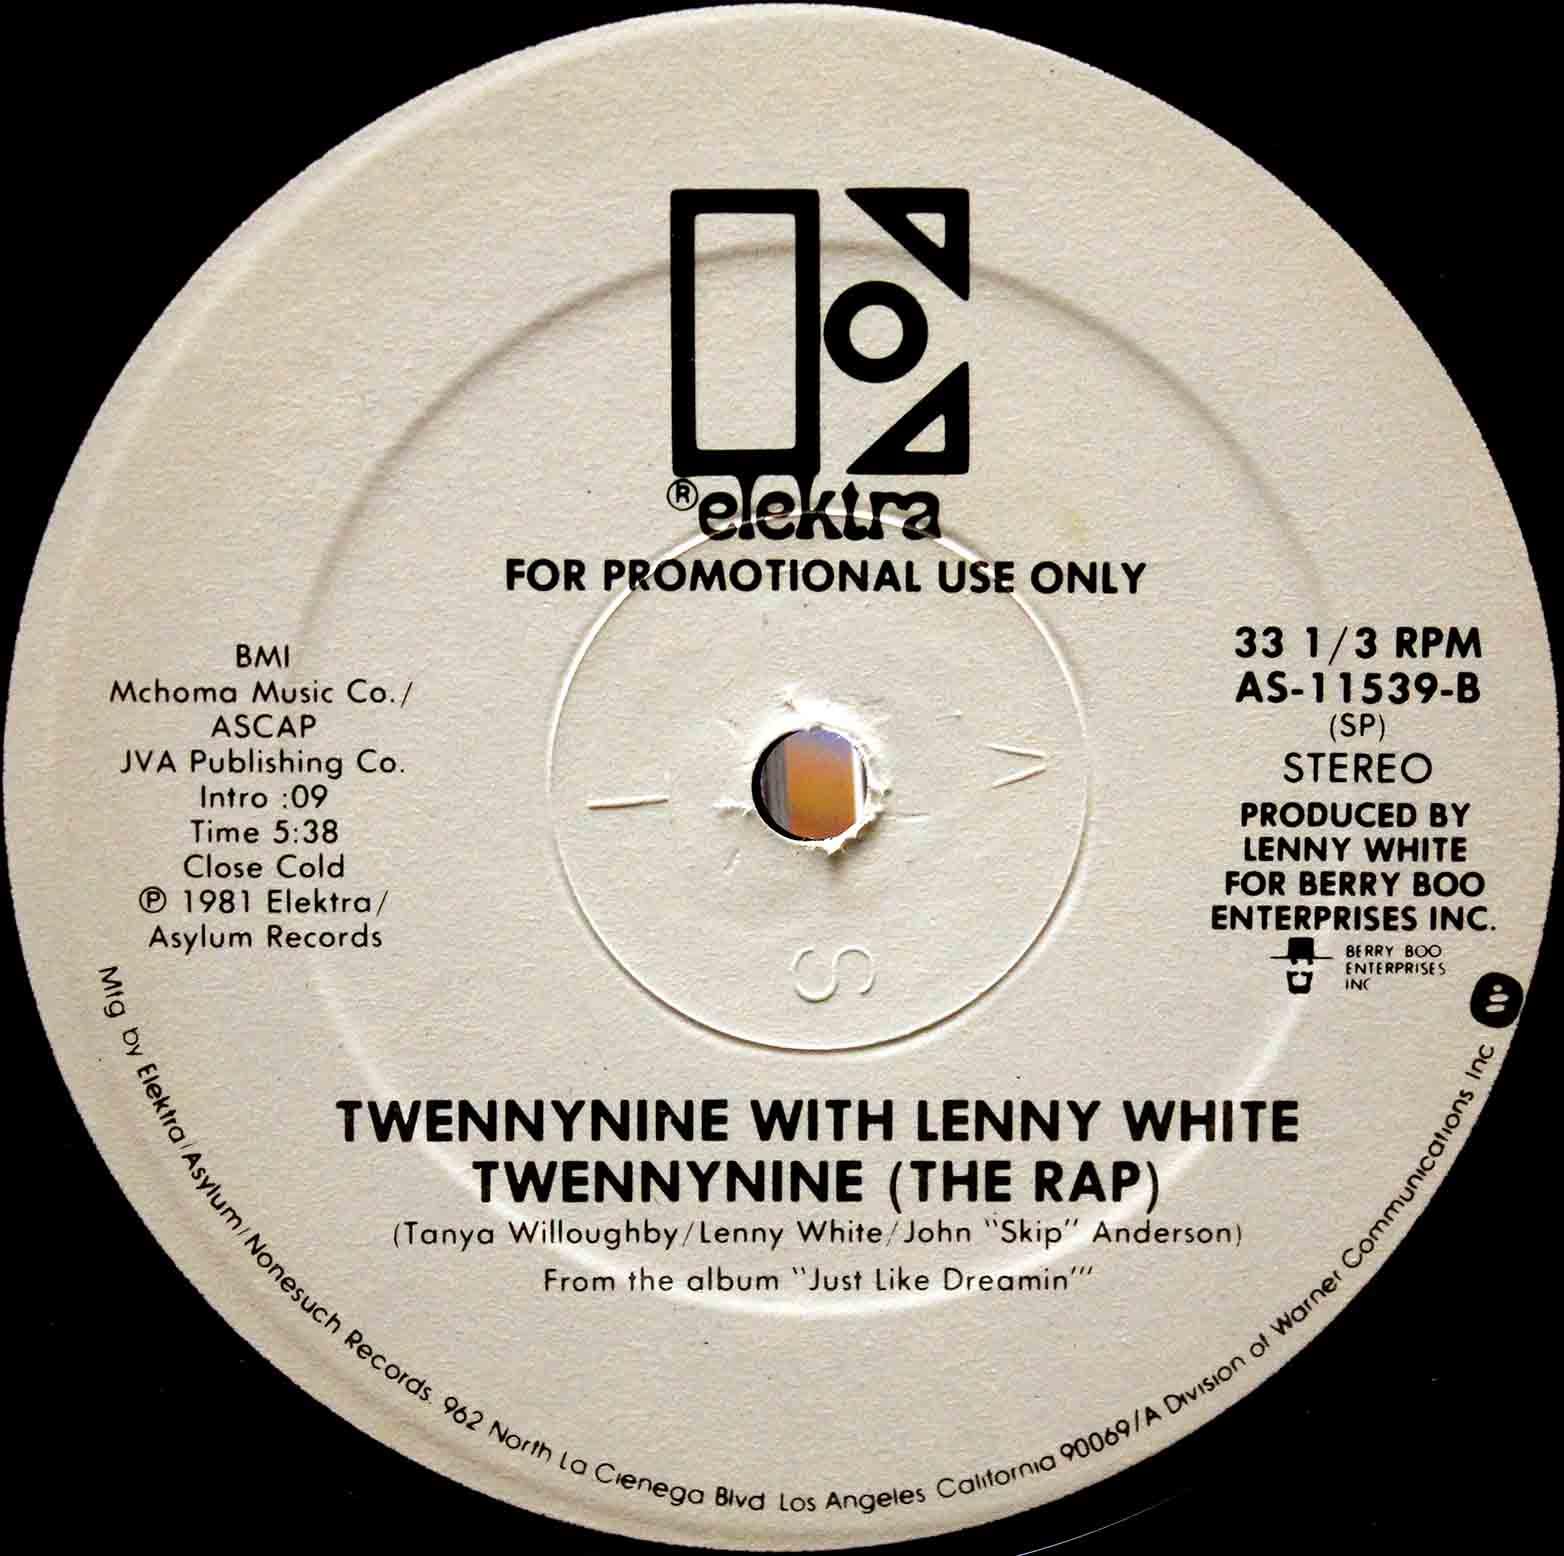 Twennynine With Lenny White - Twennynine (The Rap) 03